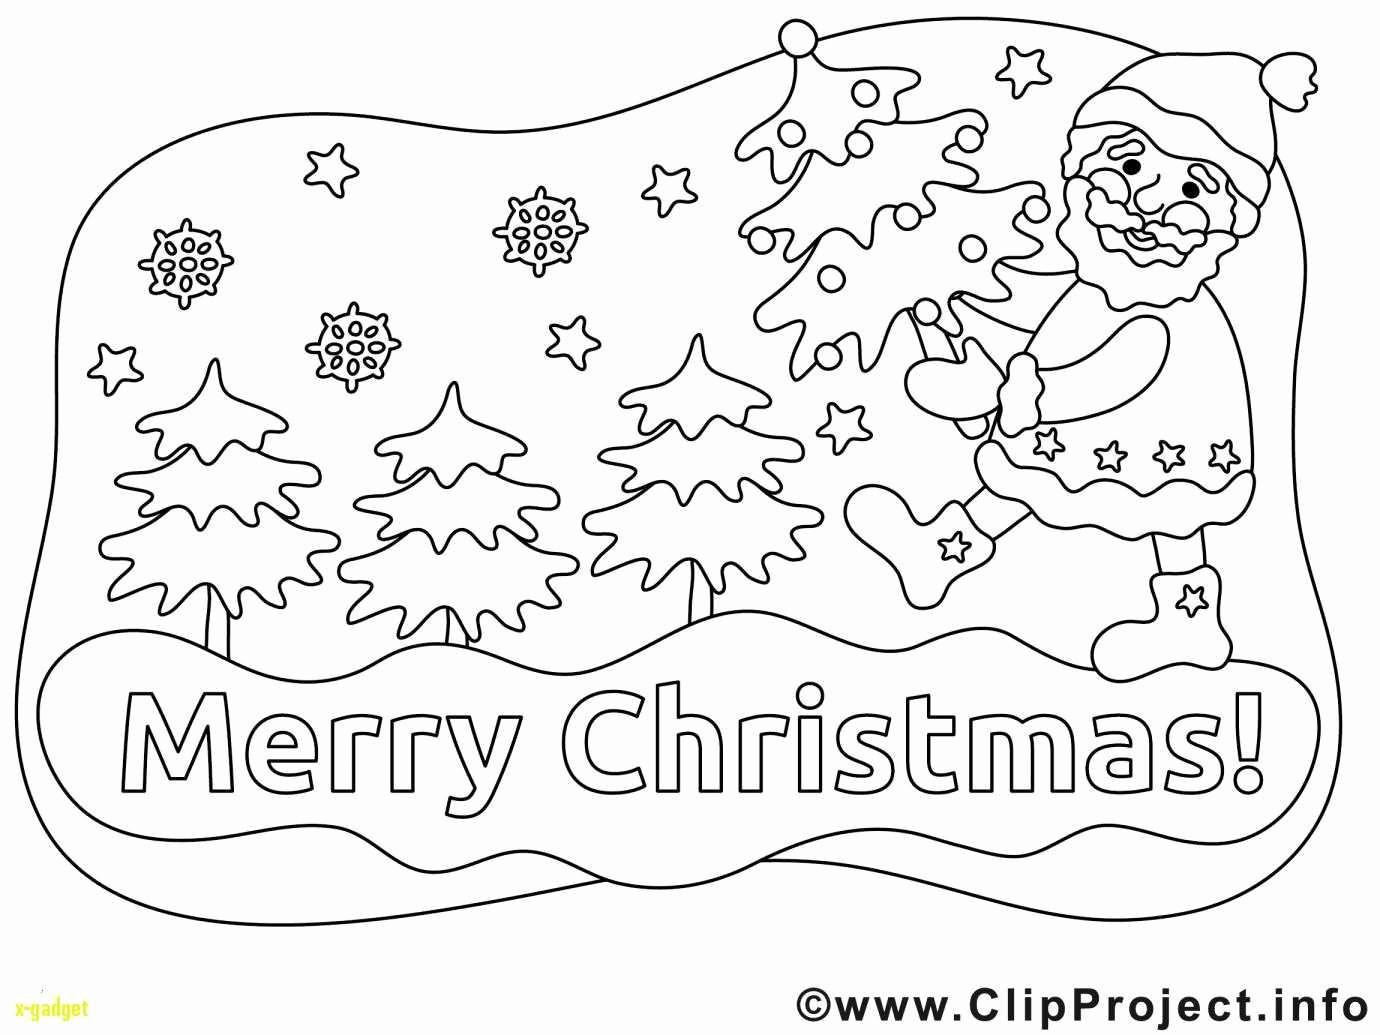 Ausmalbilder Weihnachten Kinder Kostenlos Inspirierend Ausmalbild Wohnzimmer Das Bild